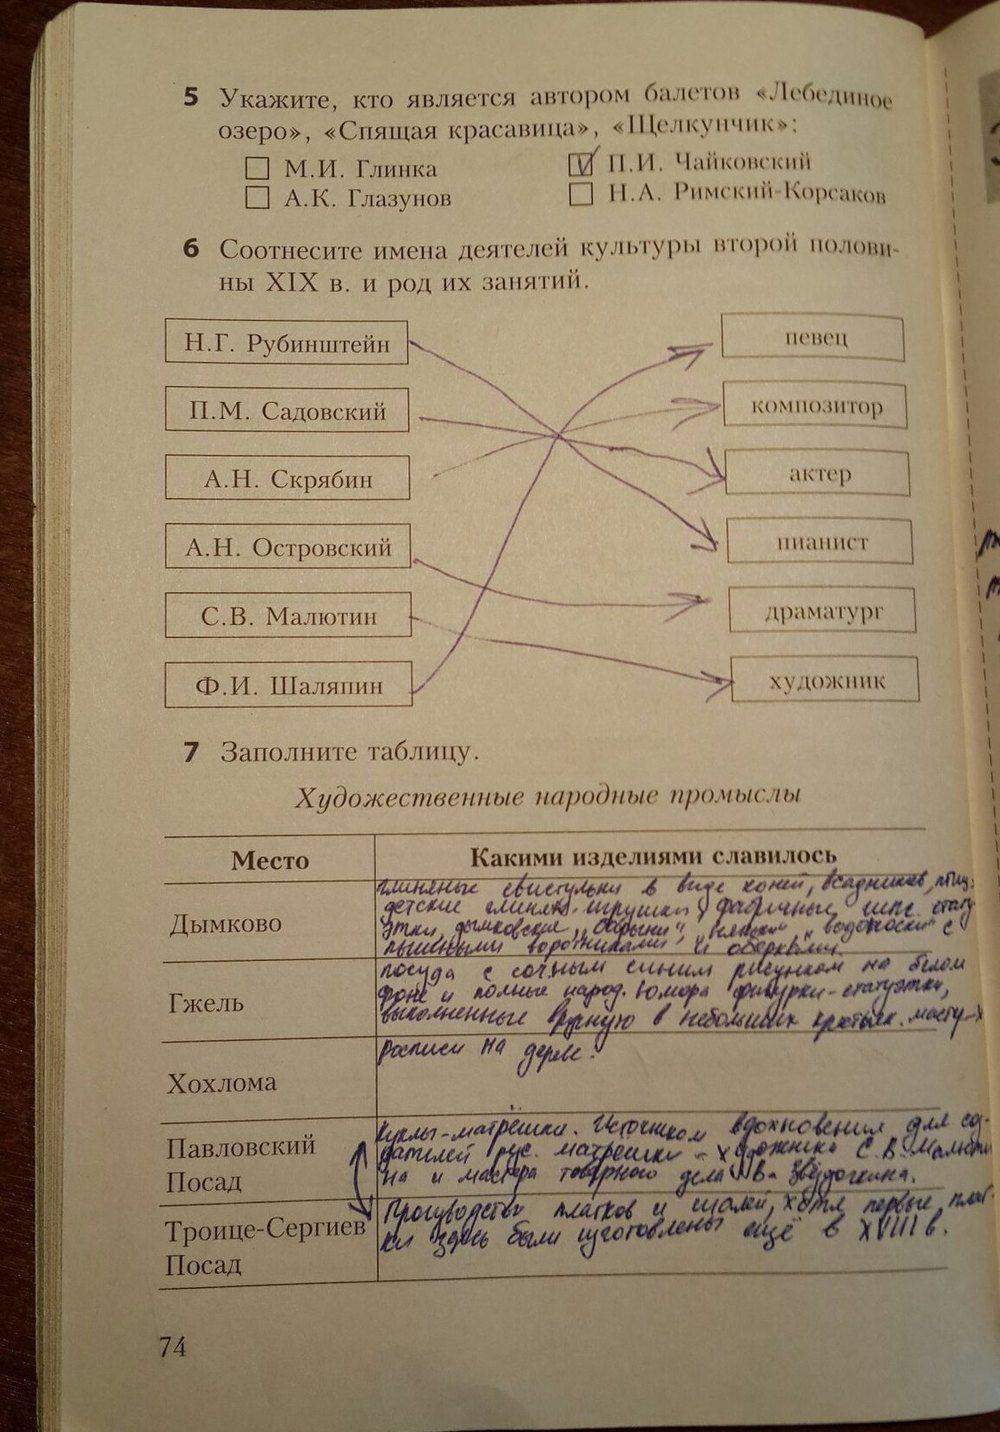 Англиский 6 класс сочинение мое домашнее животное с переводом